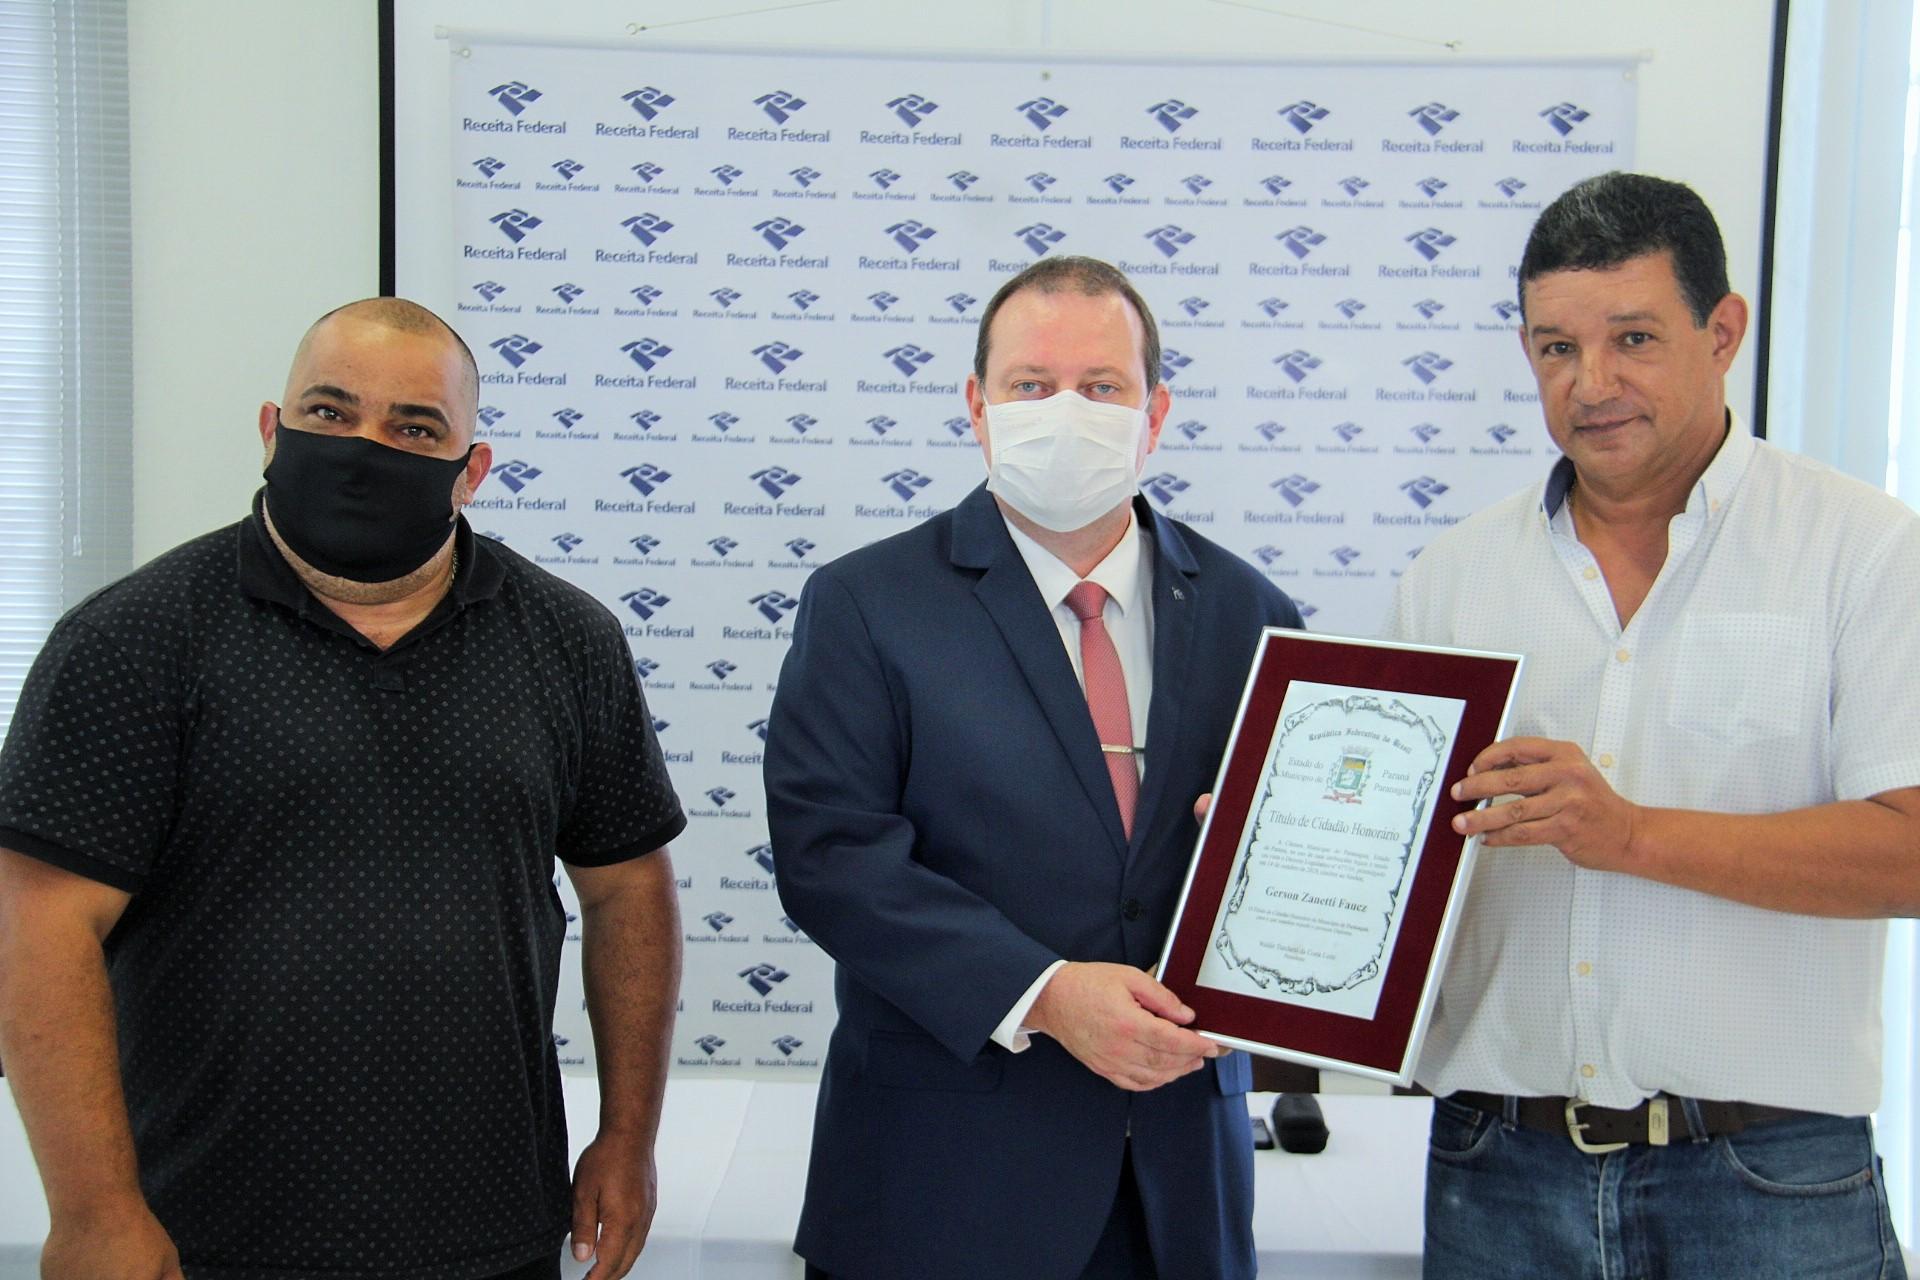 Delegado da Receita Federal recebe Título de Cidadão Honorário de Paranaguá